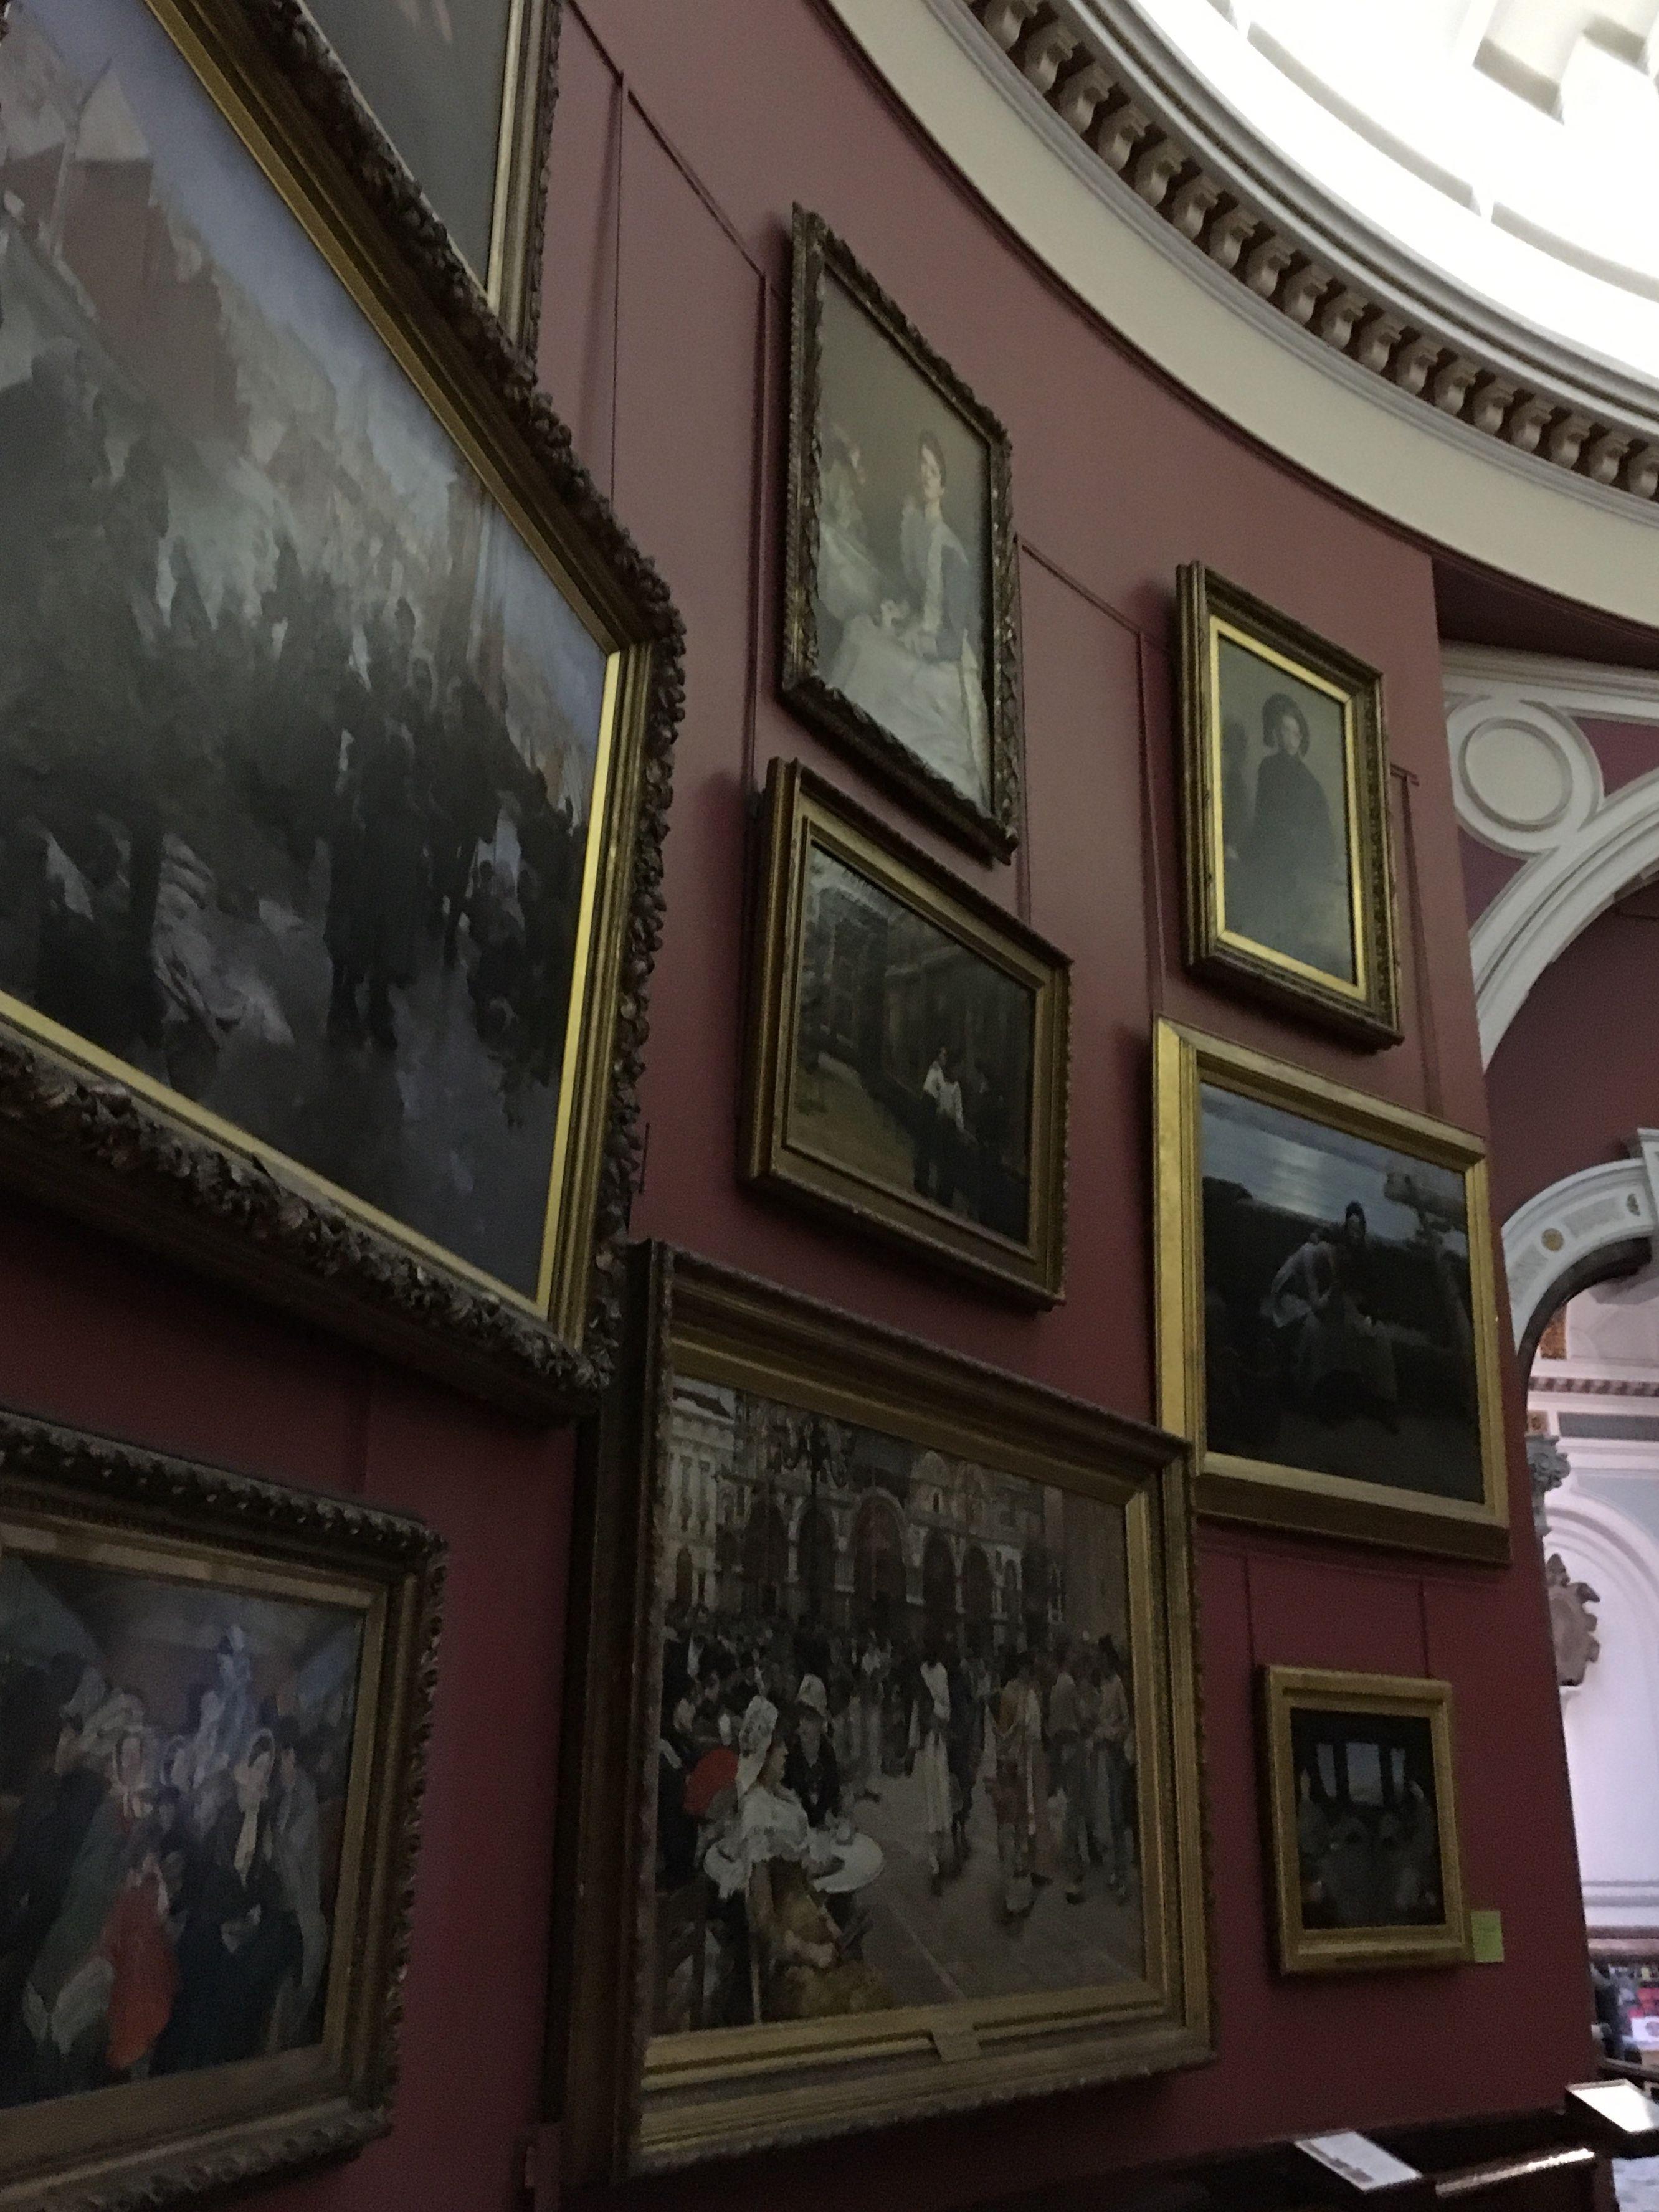 Birmingham Museum and Art Gallery UK | oc 》 feng ruan [dh1] | Art